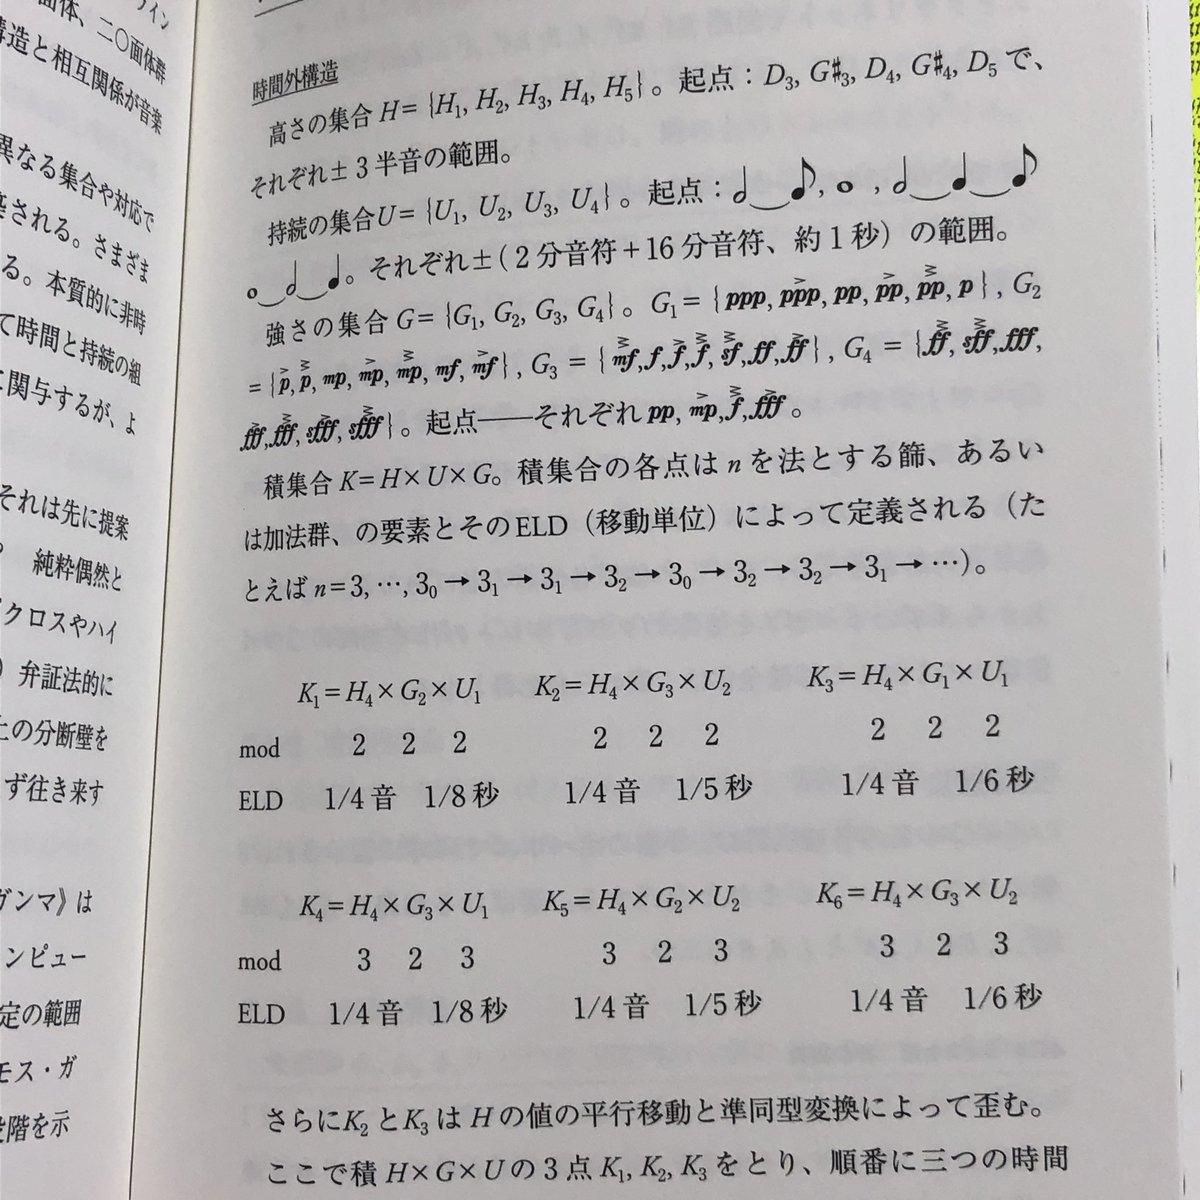 Wataru 数式をケータイの壁紙にしたらかっこいいなあと思いました 遠い目